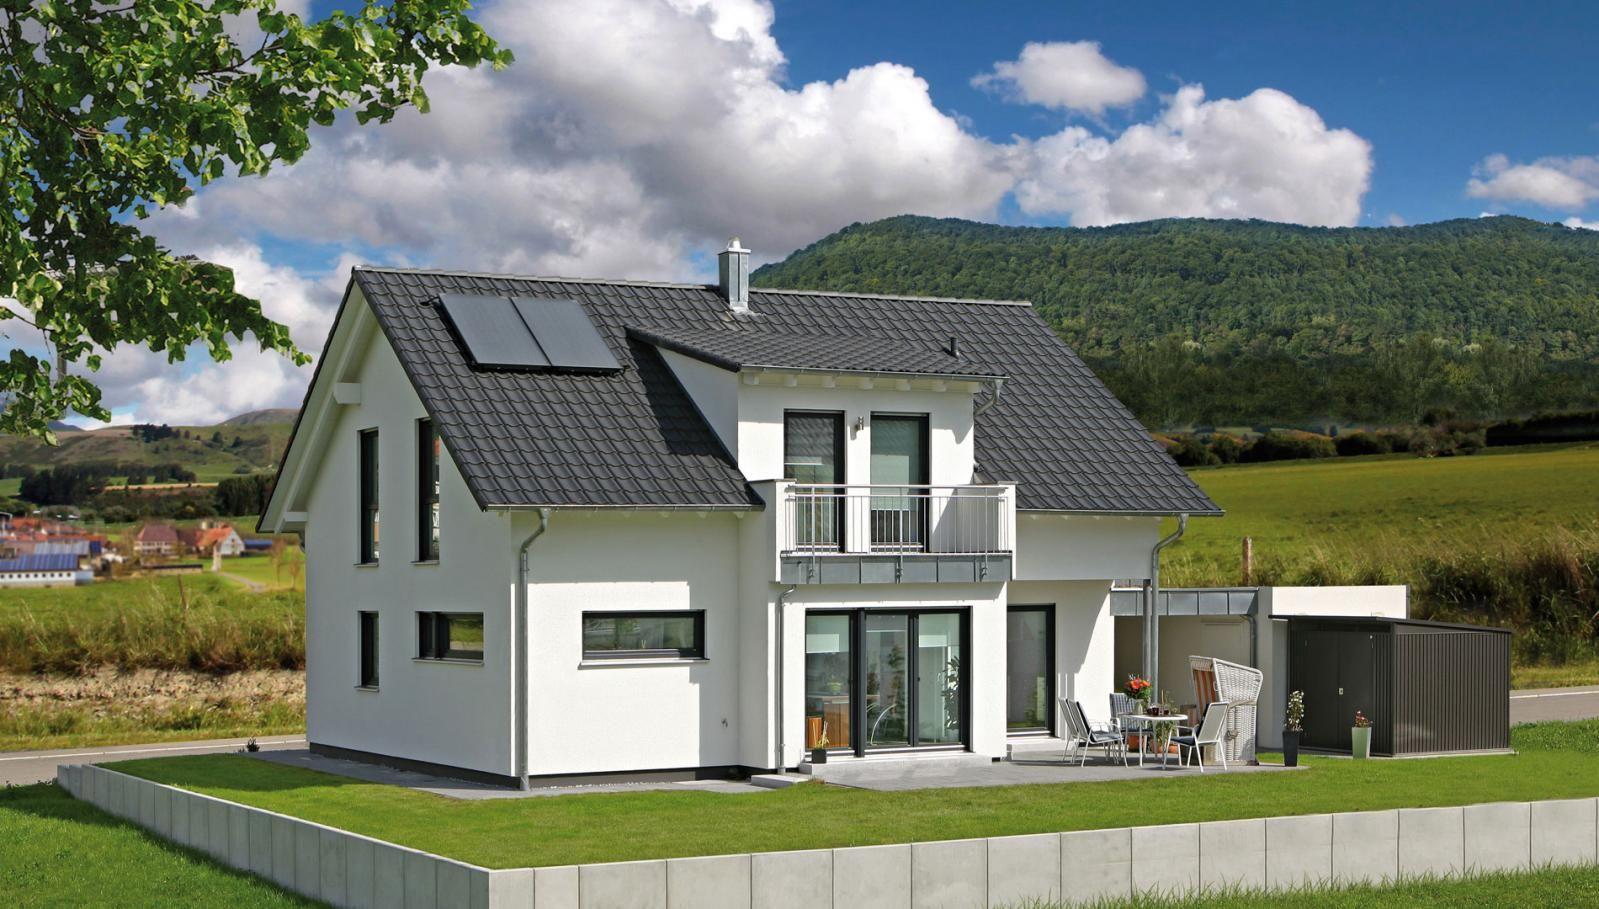 新农村二层现代别墅设计图 途墅之家新式, 小阳台 独立车库, 屋顶可